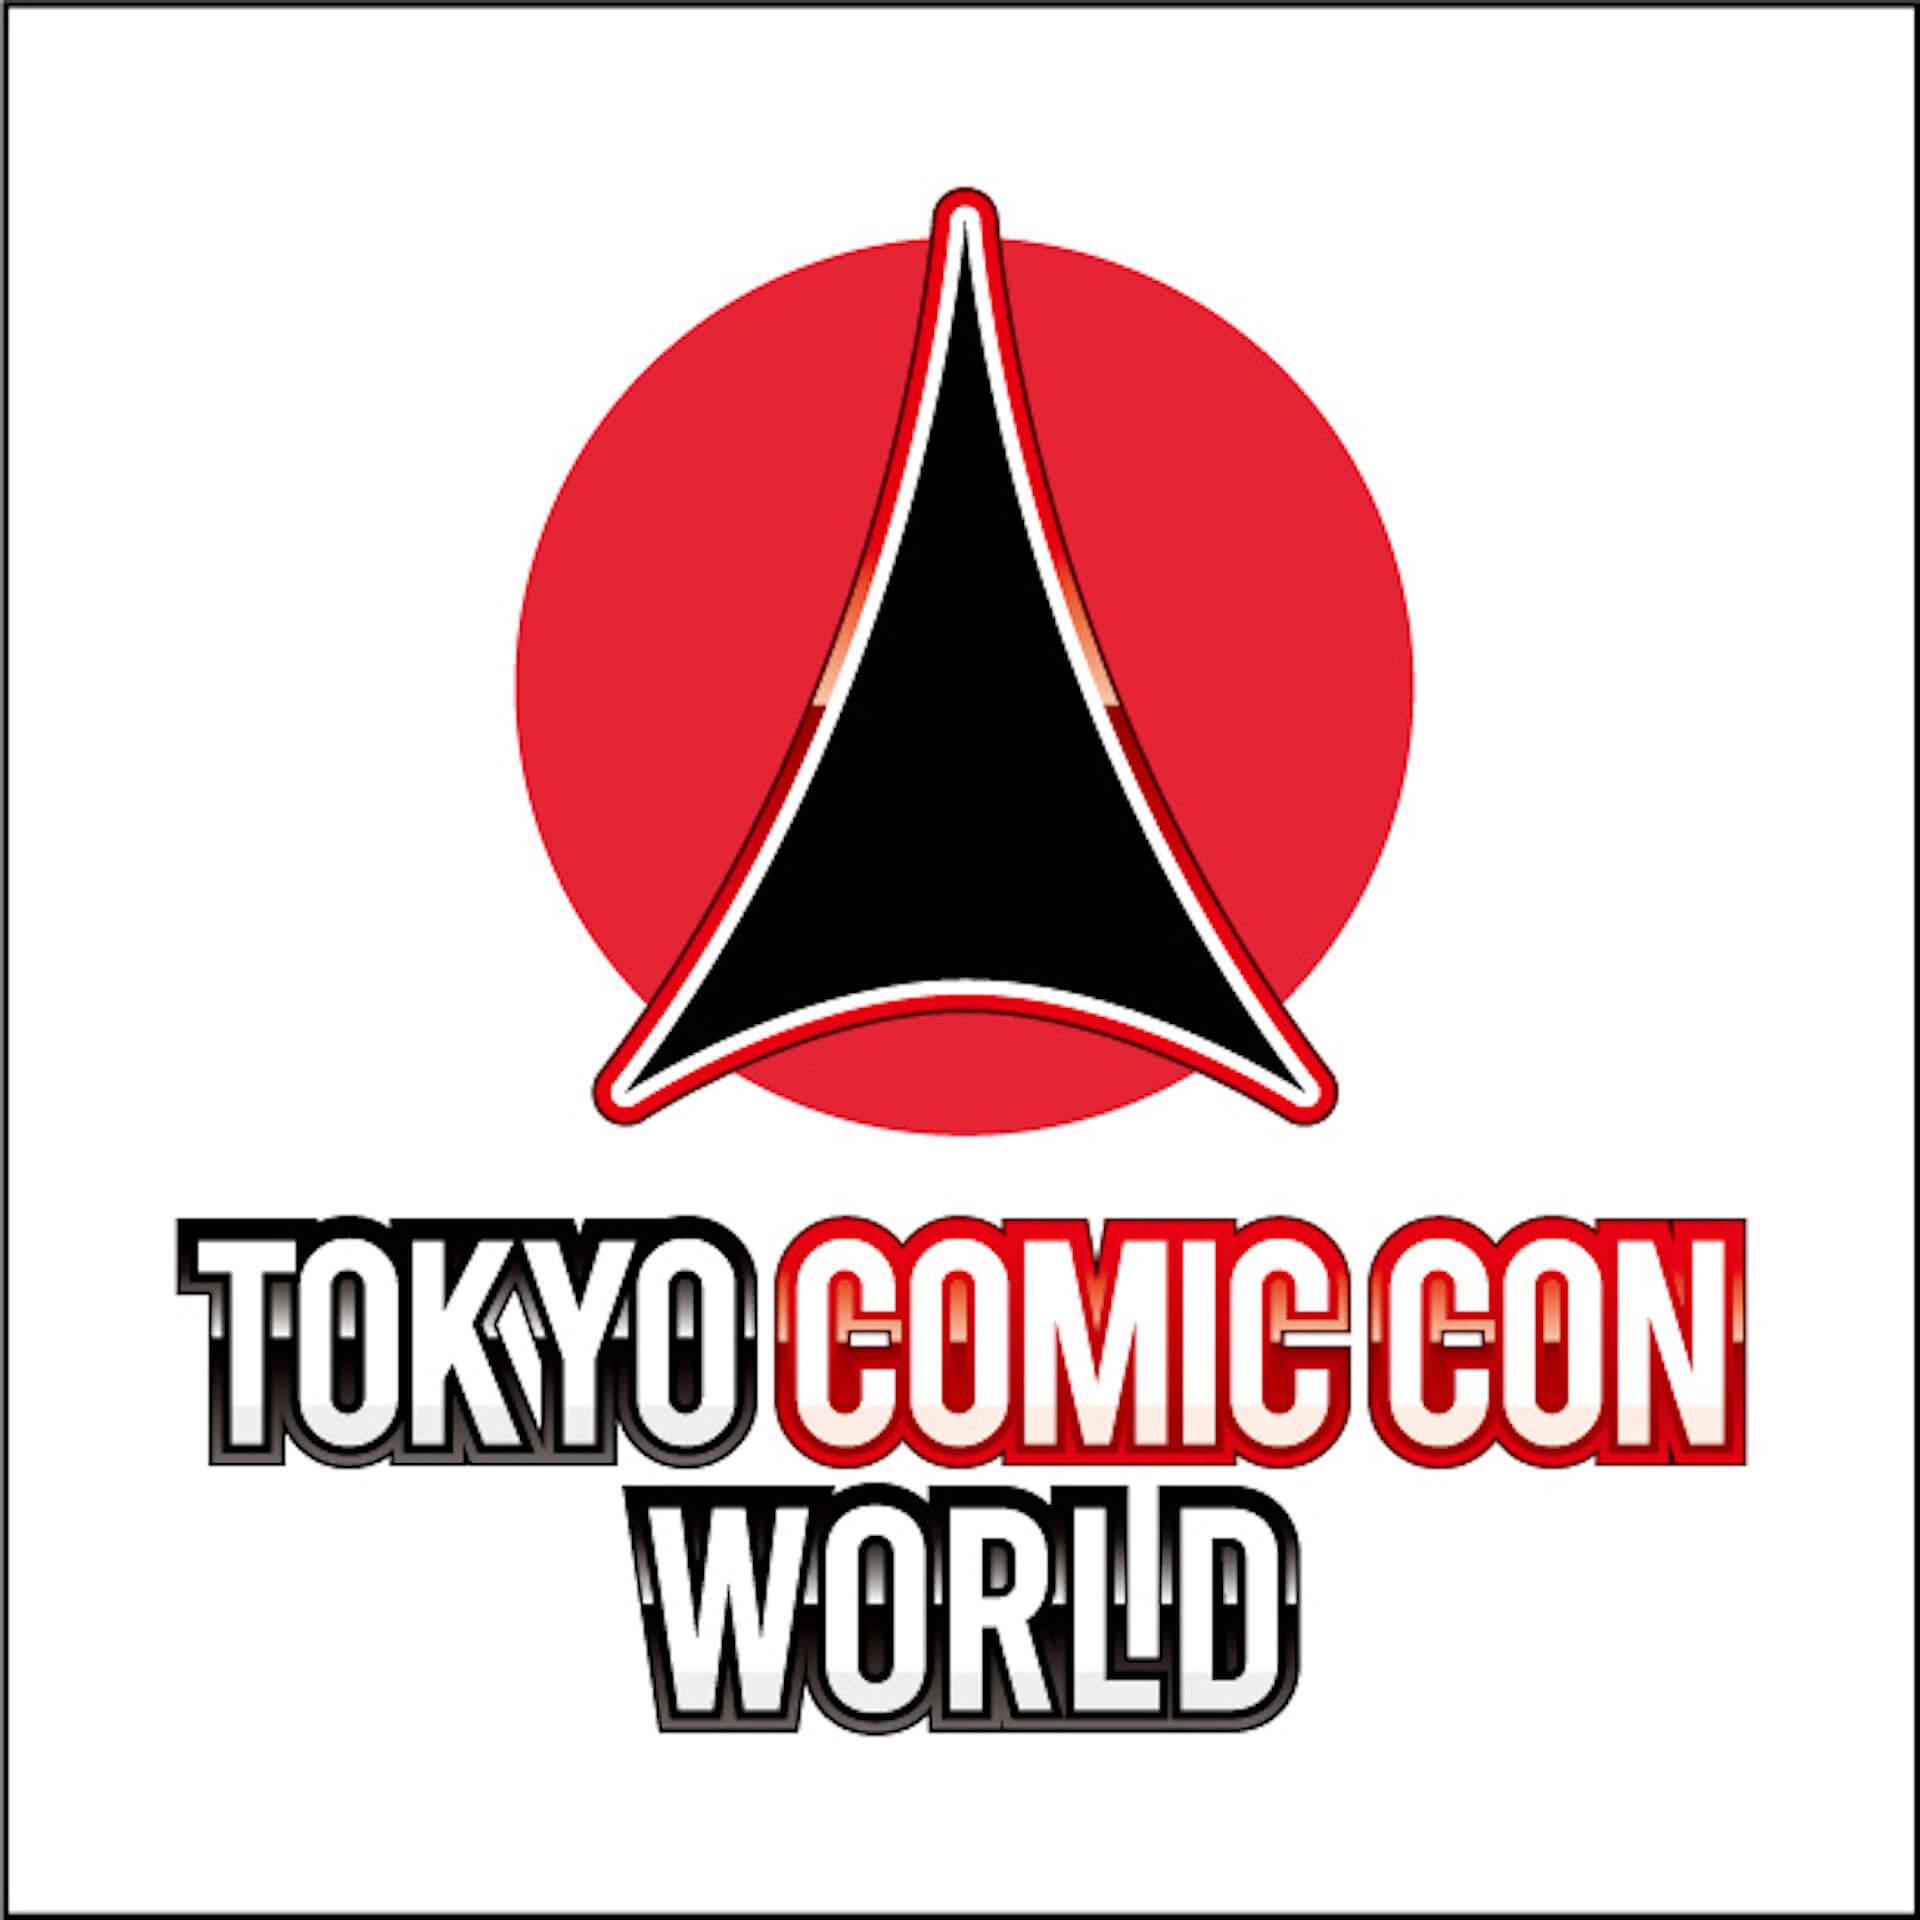 東京コミコン2020の舞台に『BTTF』のレジェンドが!マイケル・J・フォックス参加決定 art200924_tokyocomicon_1